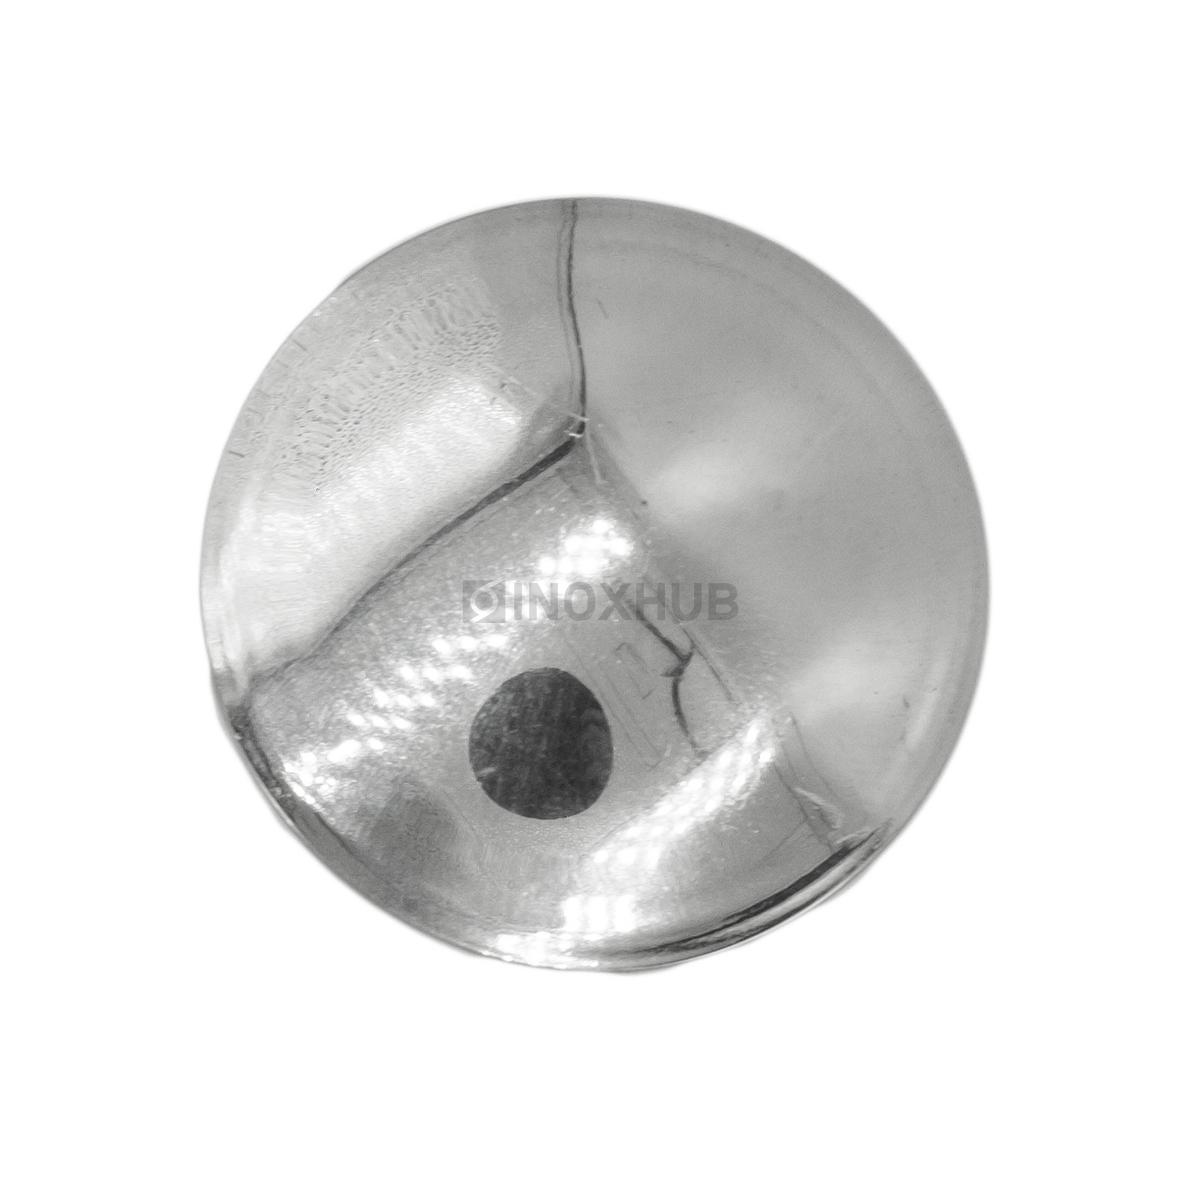 Заглушка забивная штамп.  Ø38.1 мм AISI 316 GRIT 600